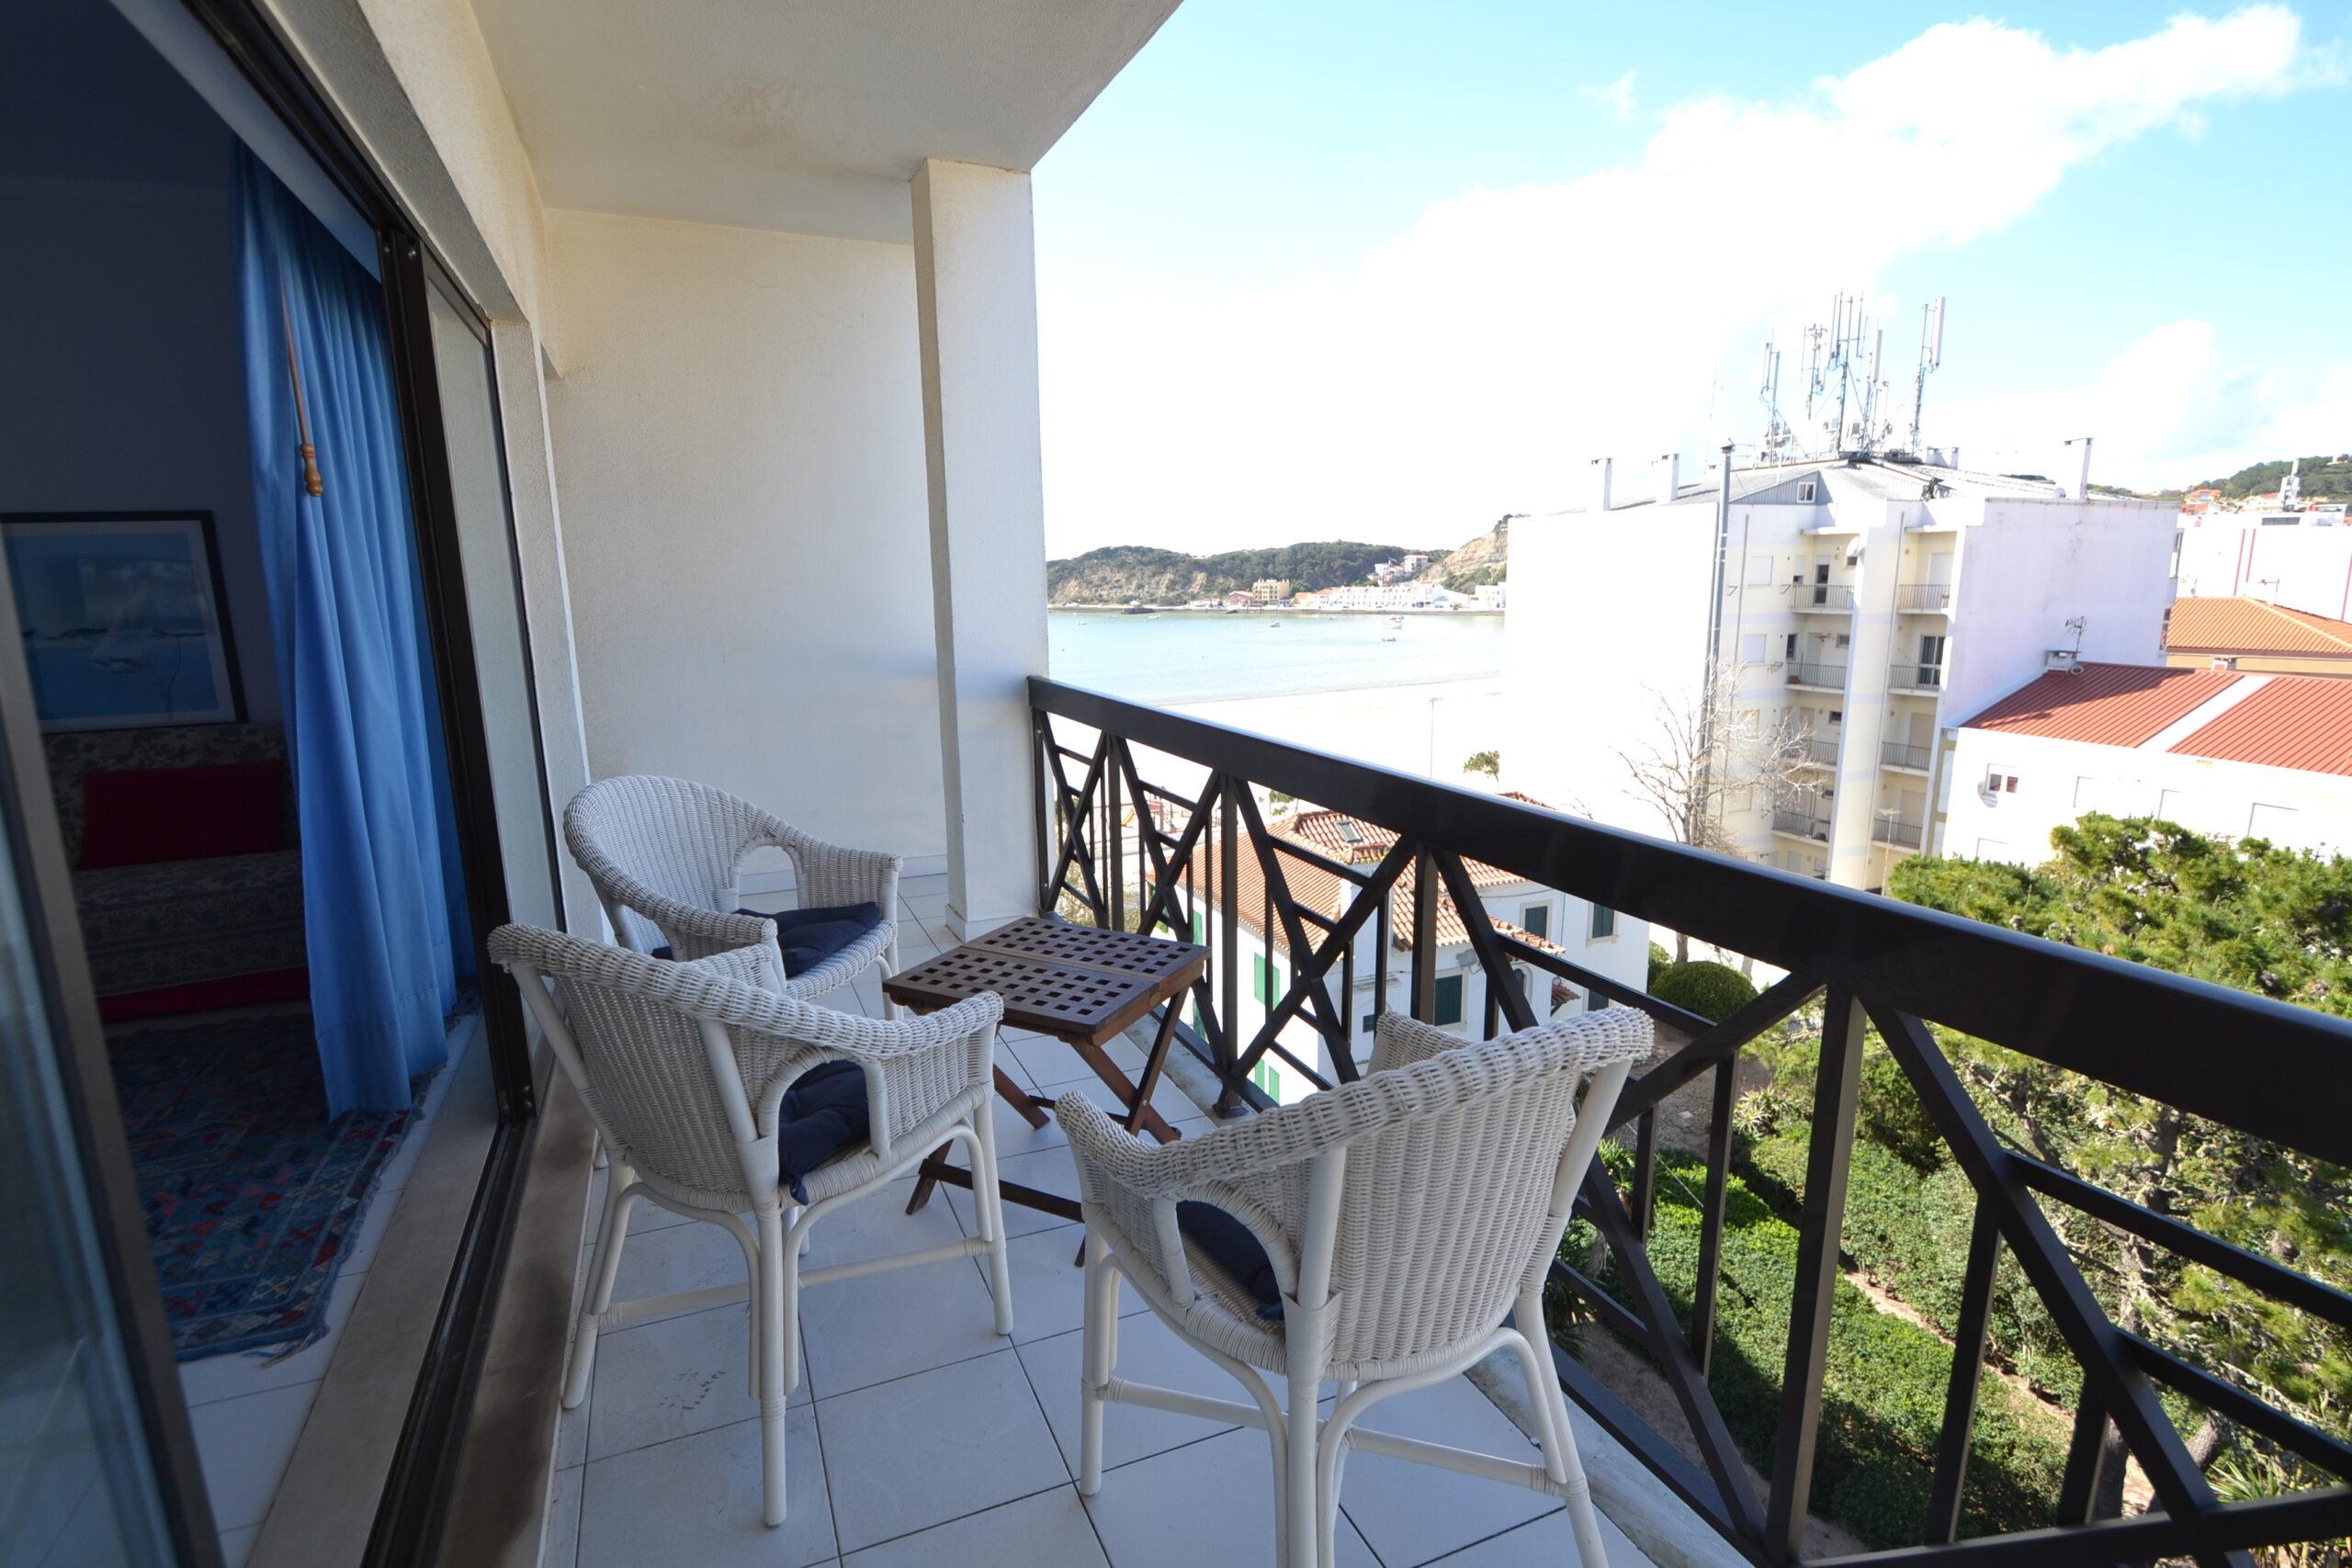 Vista da varanda/ view from the balcony